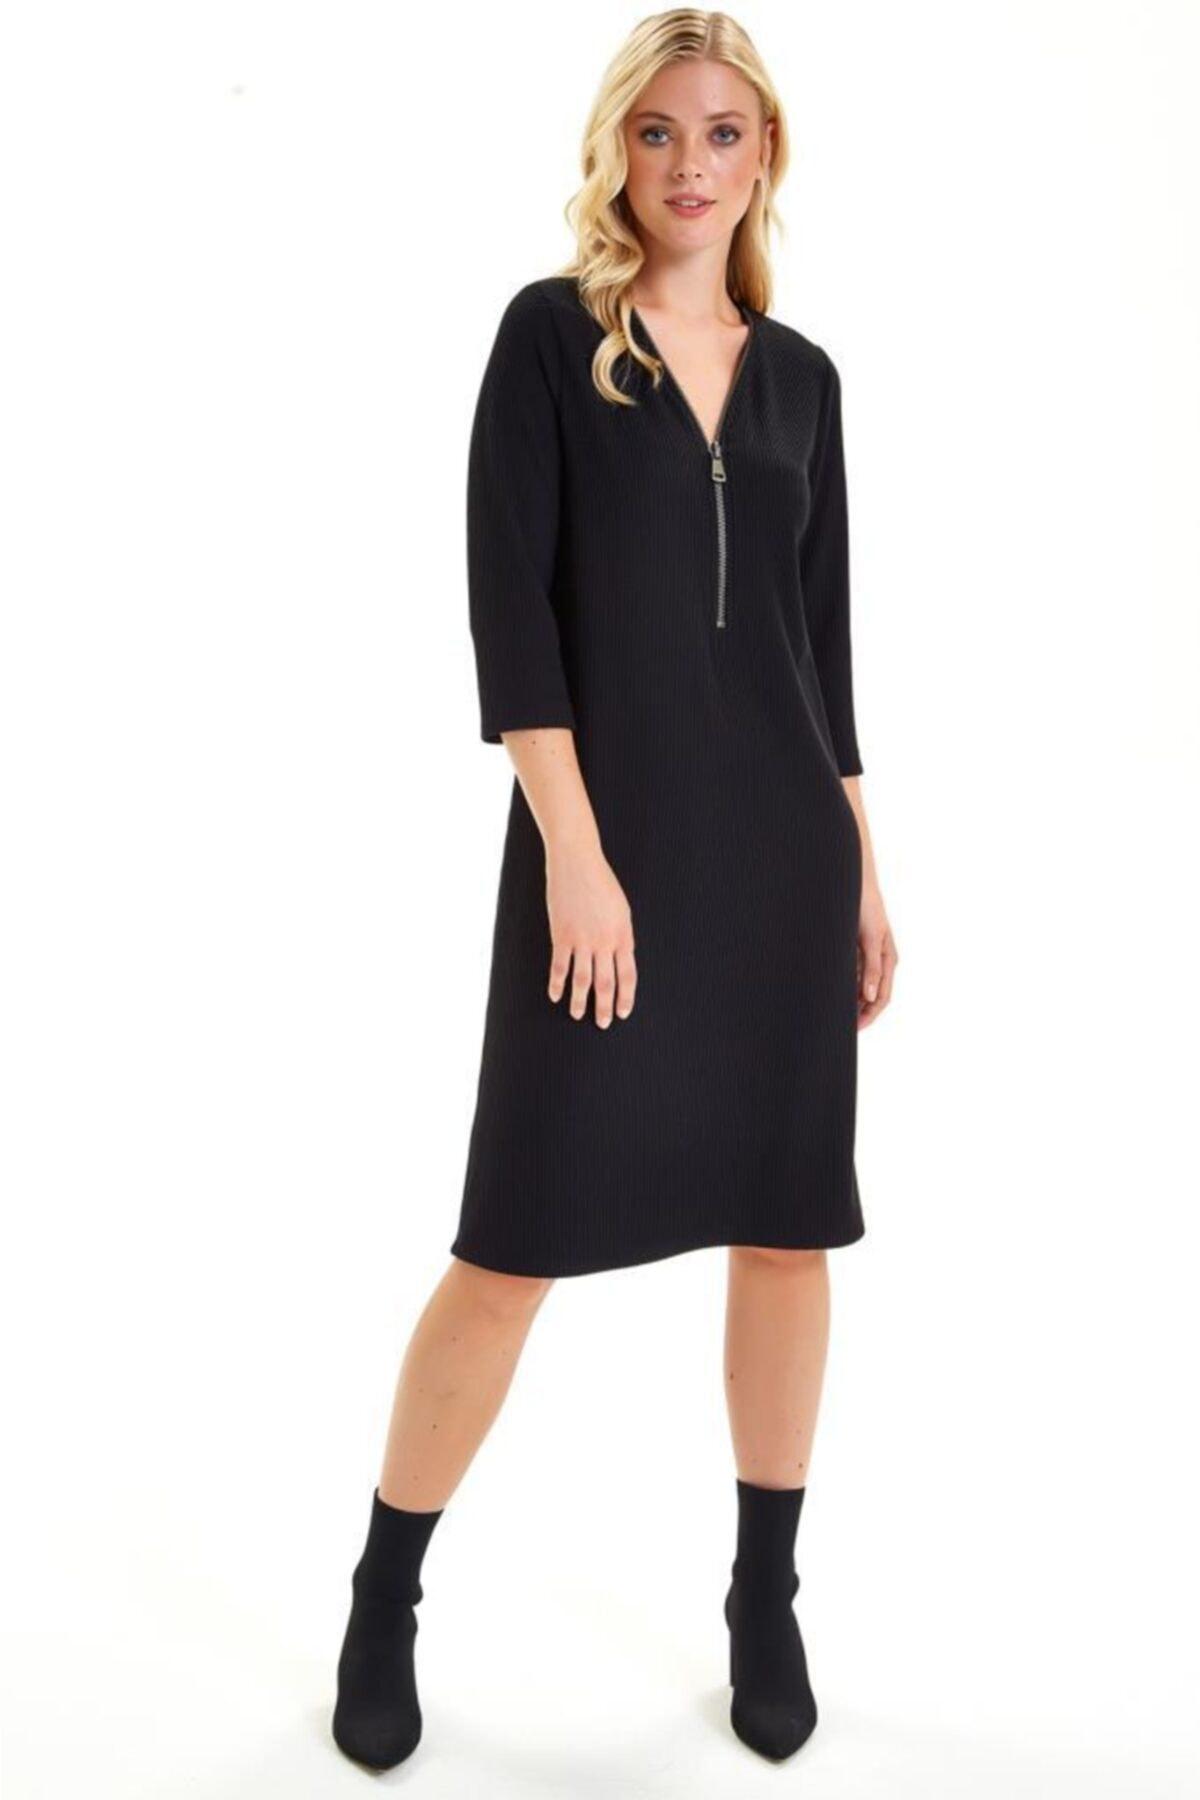 İKİLER Yakası Fermuarlı Turvakar Kol Elbise 201-2506 2